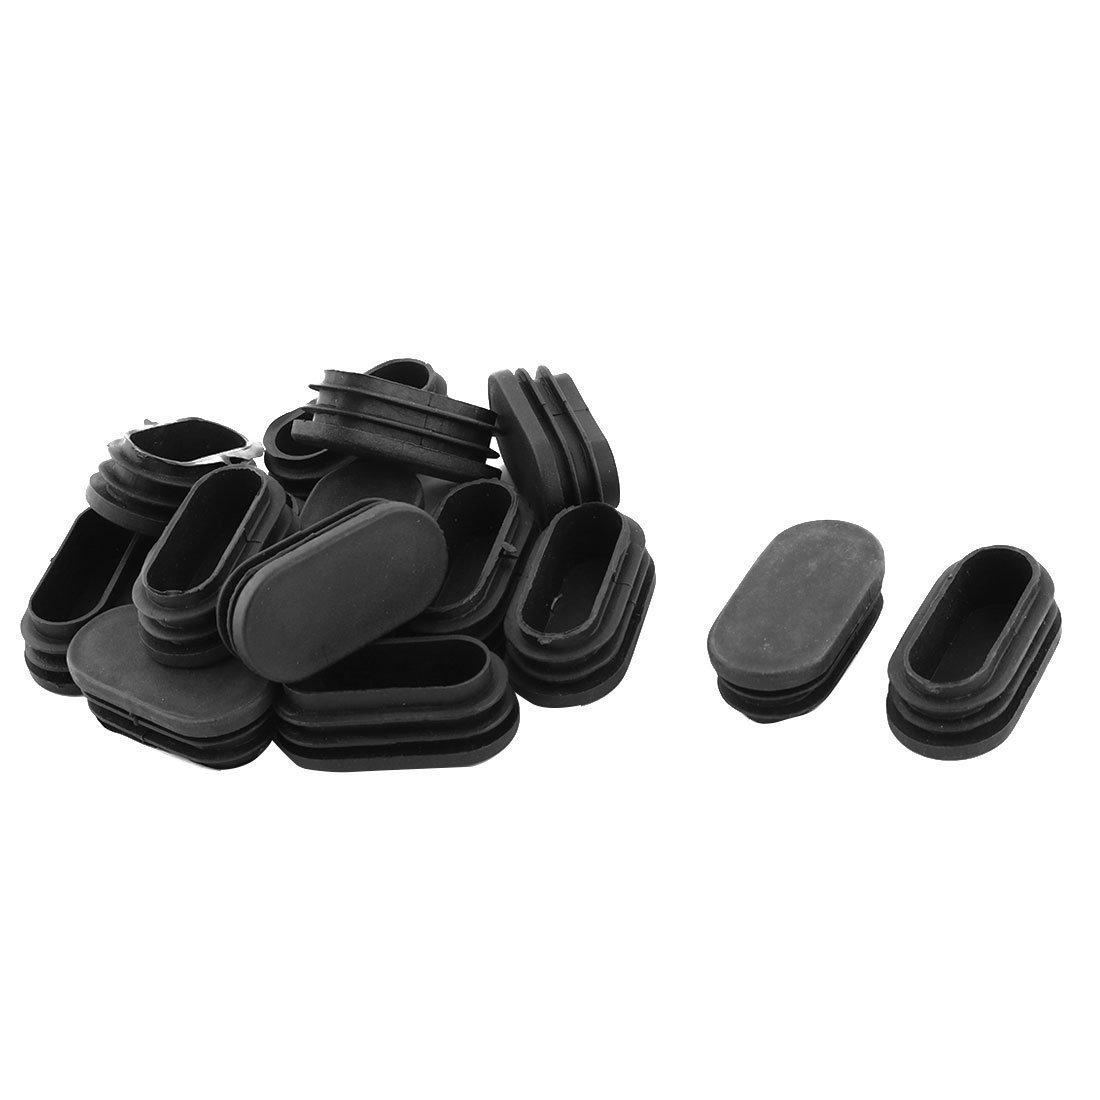 sourcingmap® Plastica pavimento ovale Protettore Poltrona scrivania piede inserto tubo nero 48mm x 24mm 15pcs a17042900ux0795